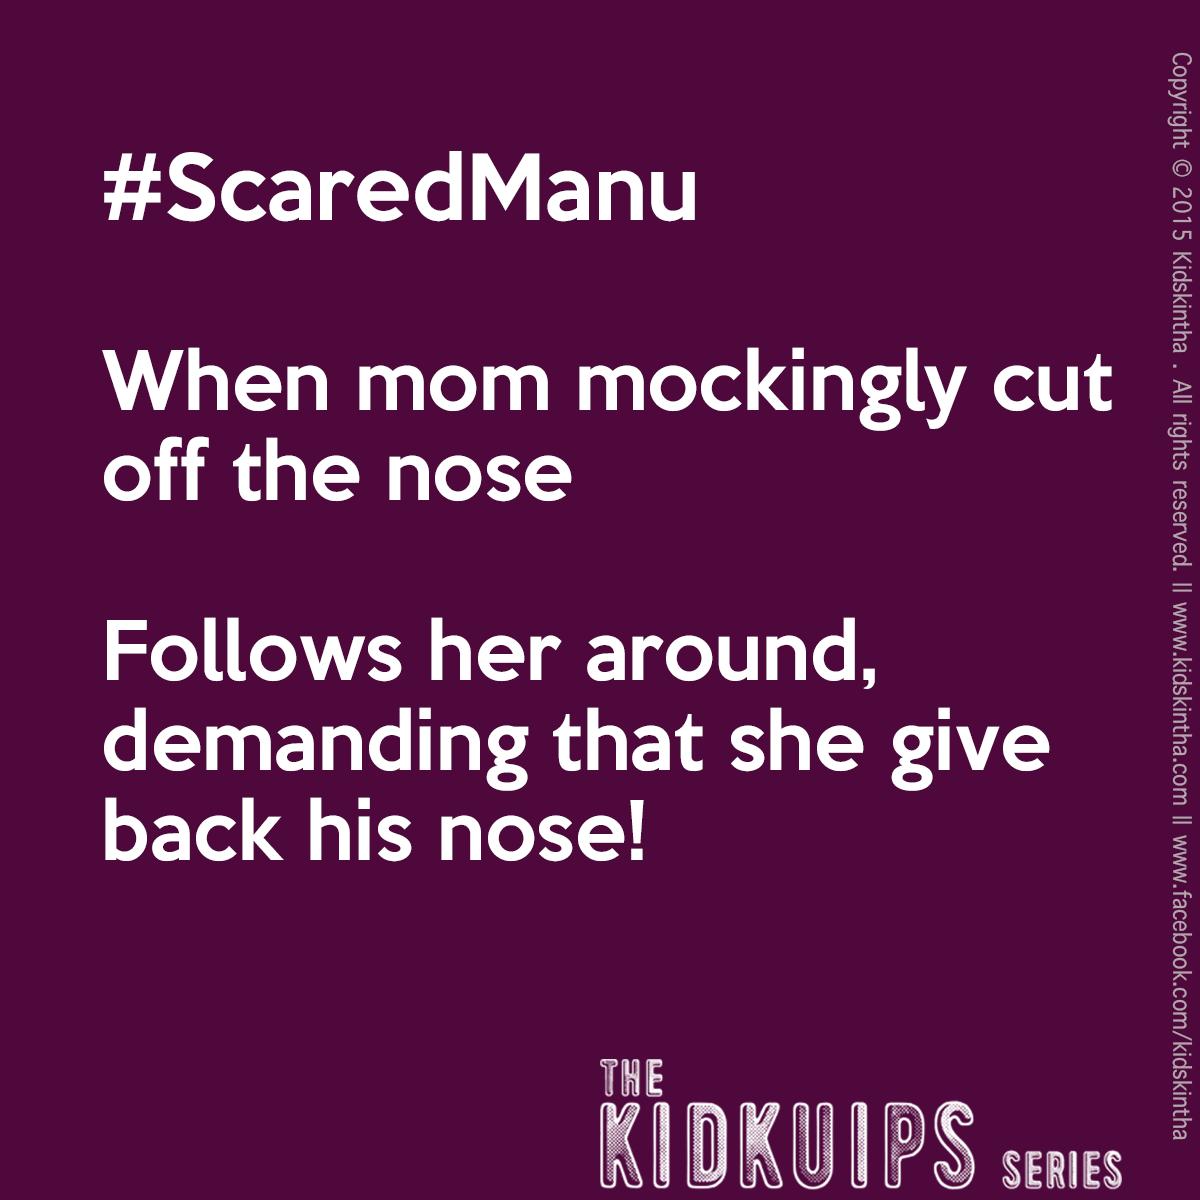 ScaredManu